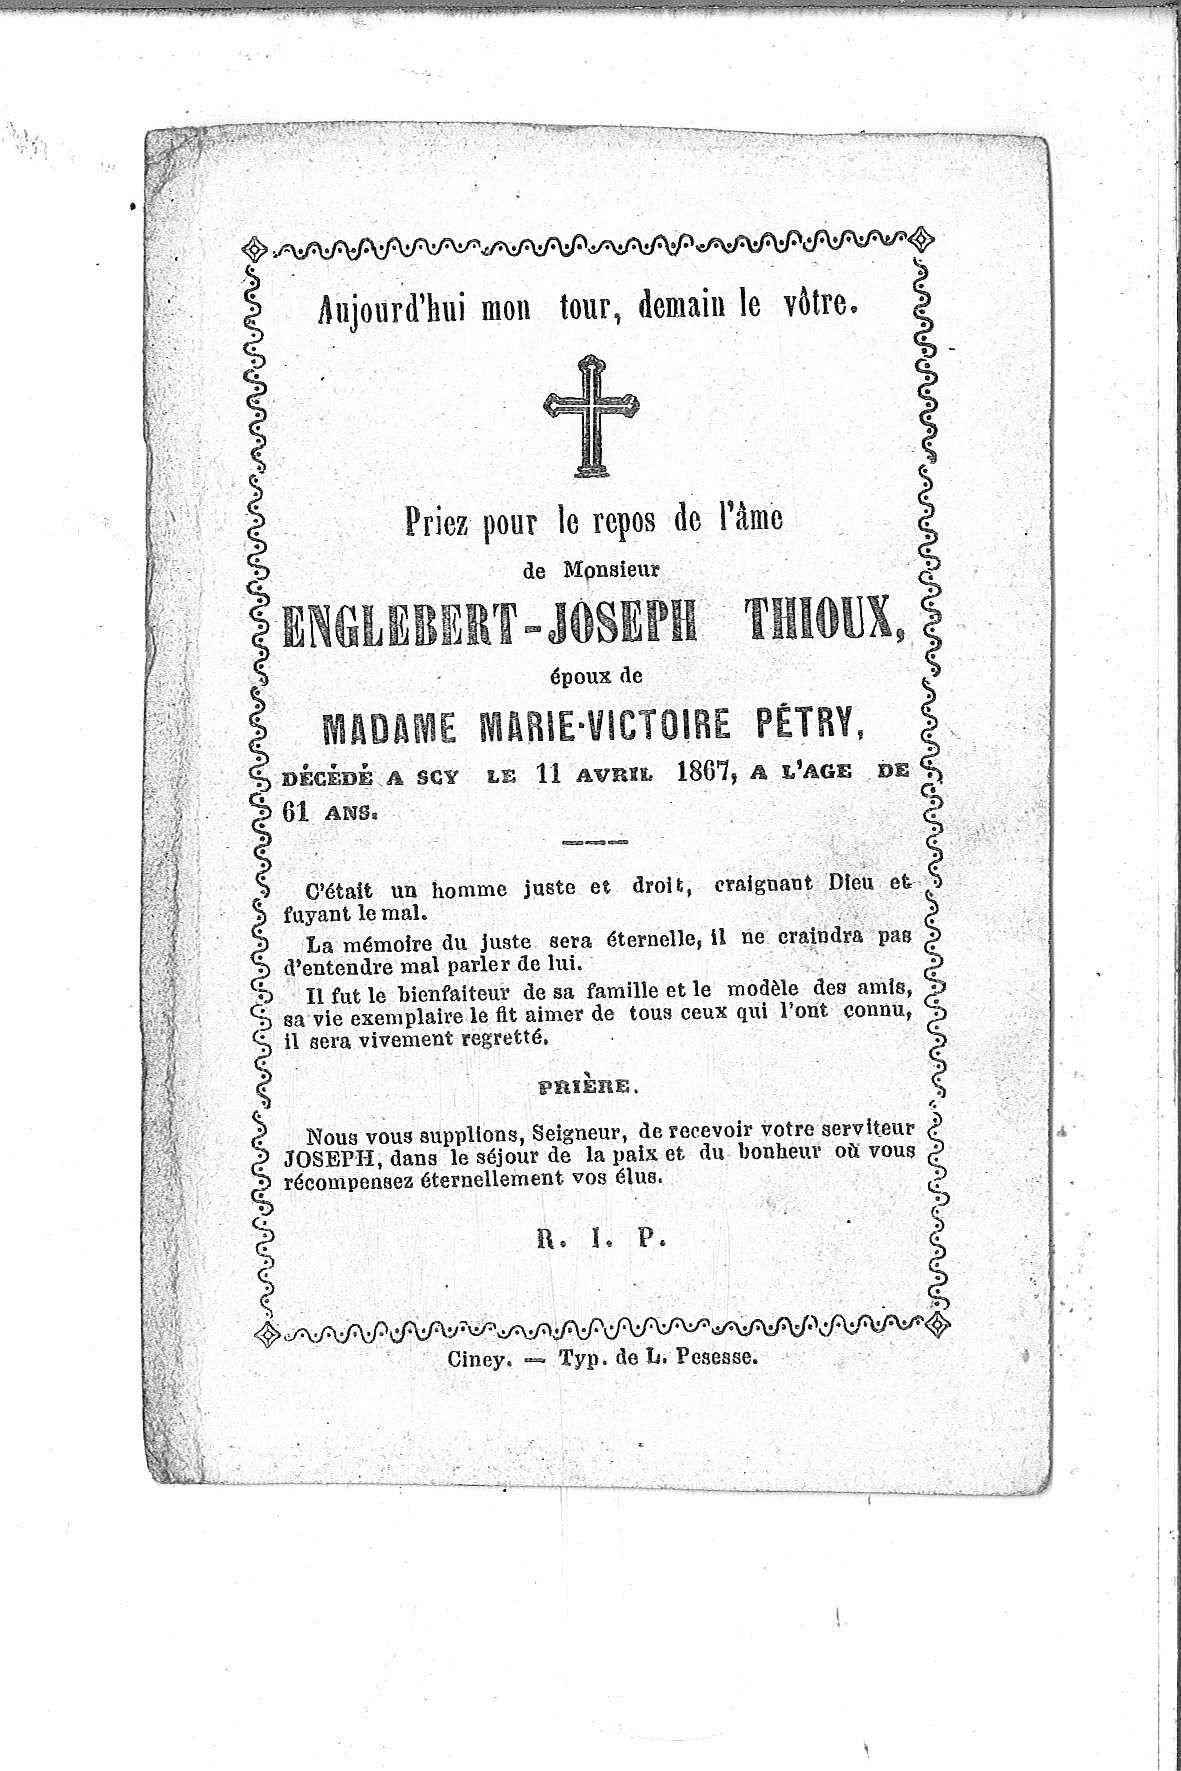 Englebert-Joseph(1867)20140825083222_00138.jpg